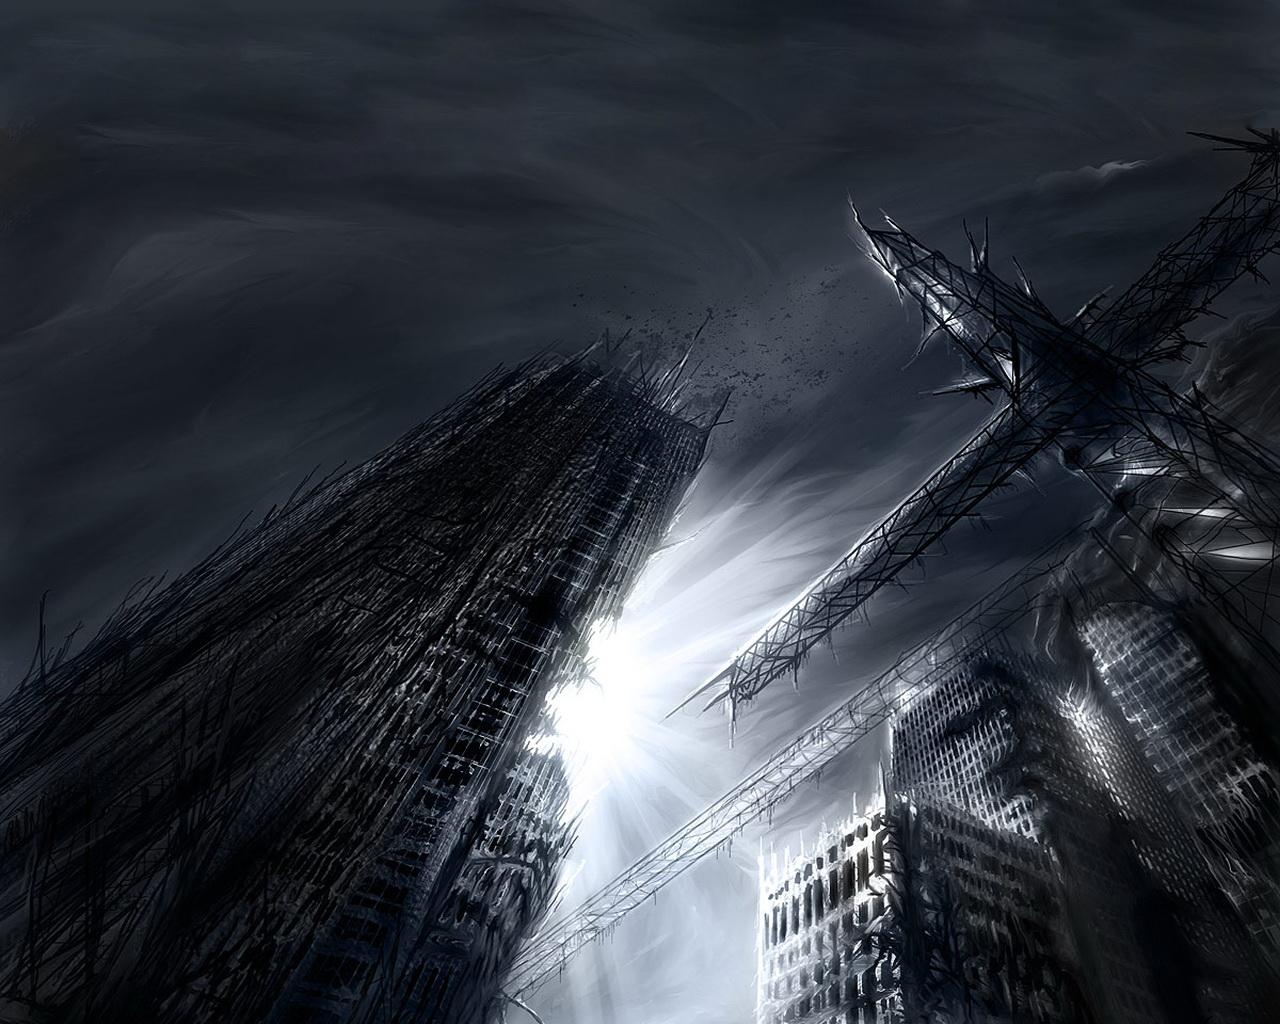 http://3.bp.blogspot.com/_AcBHAY7HSeE/S7dlXLMNDbI/AAAAAAAAAL0/DQh2Uudj3UY/s1600/devastatedskyscrapers.jpg